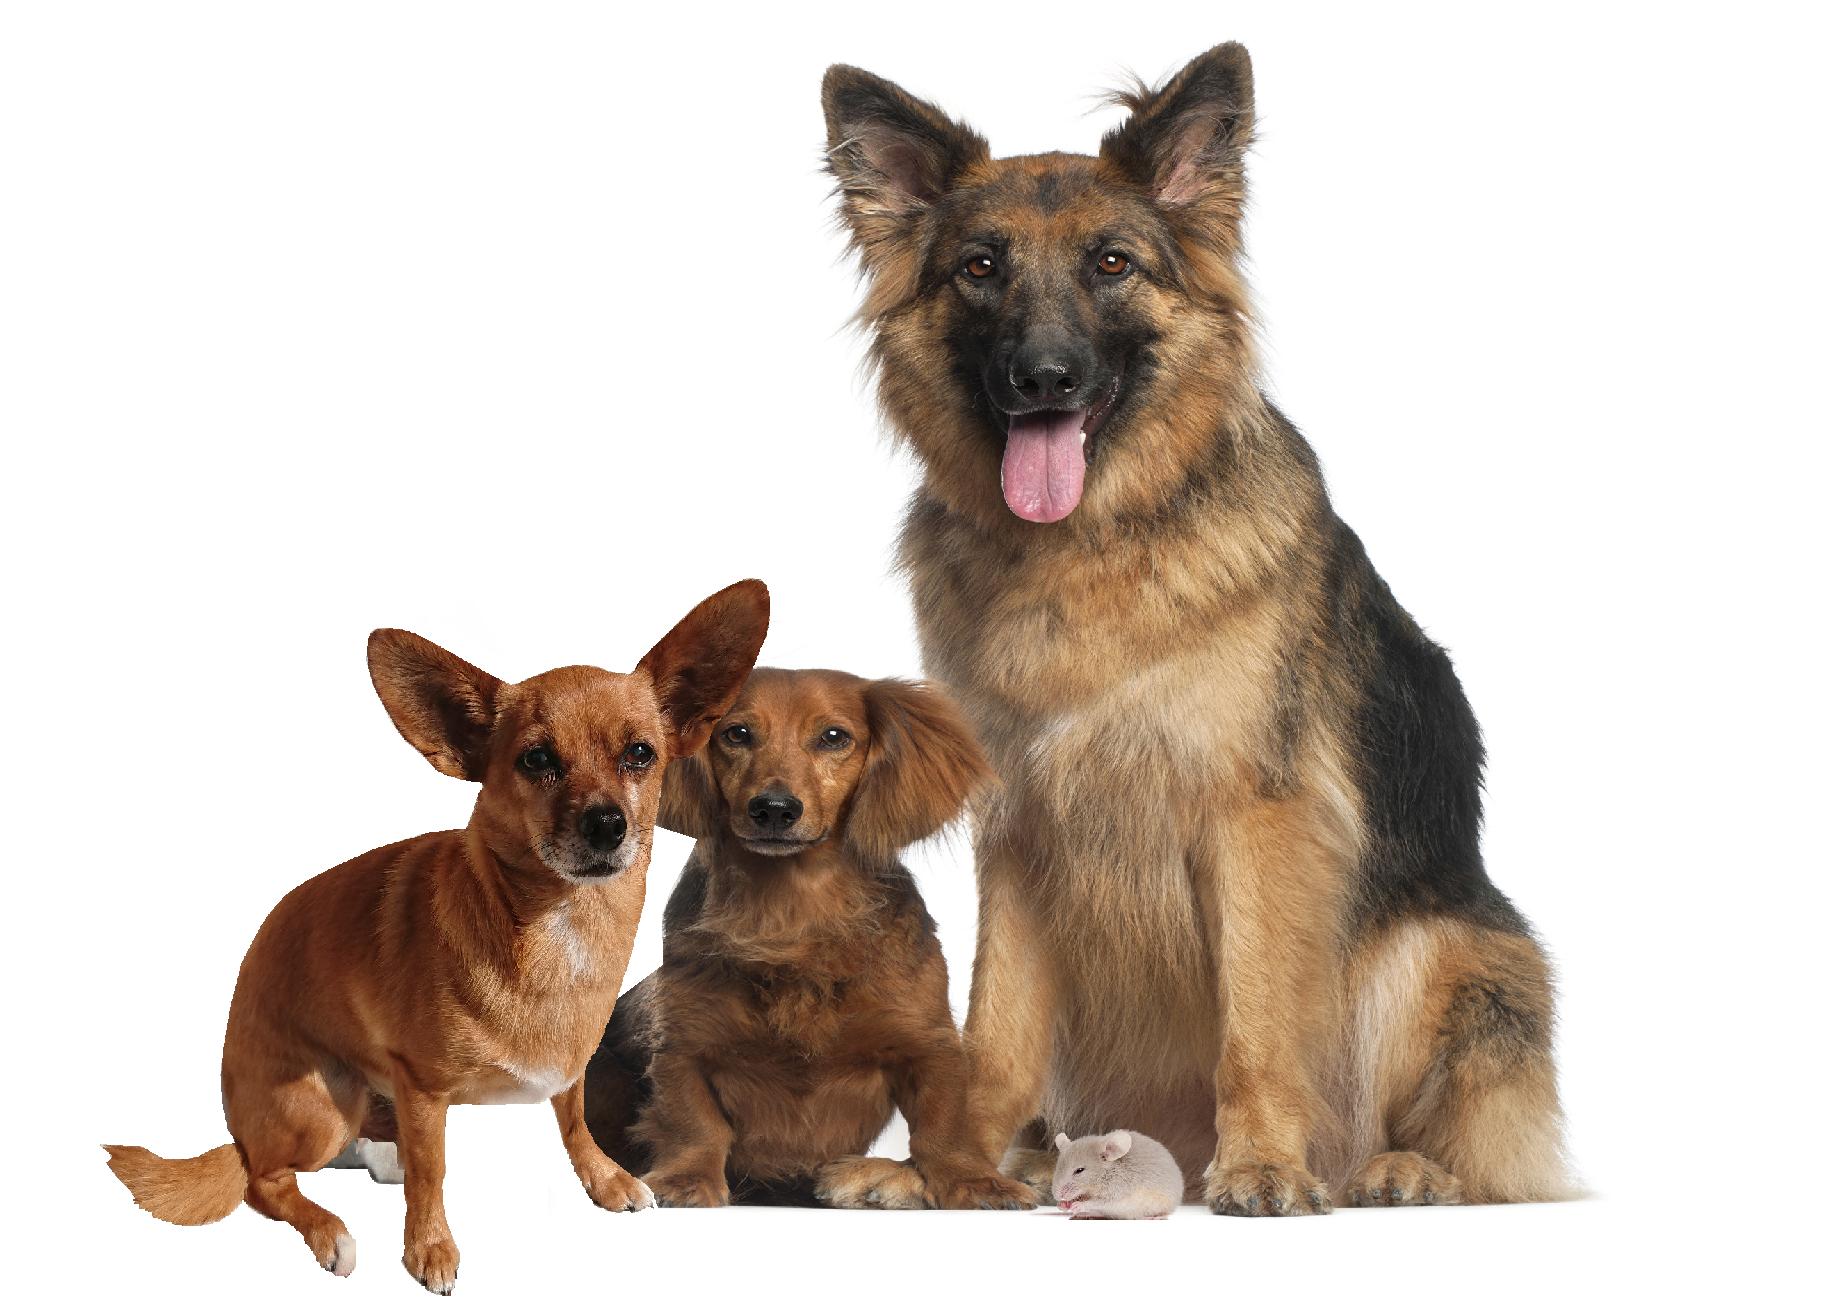 Halsband, Hundehalsband, Hunde Zubehör, Pet-Shop, Tierhandlung, Zubehör für Haustiere, Zoohandlung, Hundeweste, halsband für hund, led halsband, Leut Halsband, Hundenapf, Fressnapf, Katzenbaum, Hundegeschier, Hundefutter, Tier Equipment, Hunde Spielzeug, Fressnapf, Haustiere, Zubehör für Haustiere, Tierwelt, Animalia, Lederhalsband, Halsband, Haustierzubehör, Haustierspielzeug, Halsband gravieren, Halsband mit Gravur